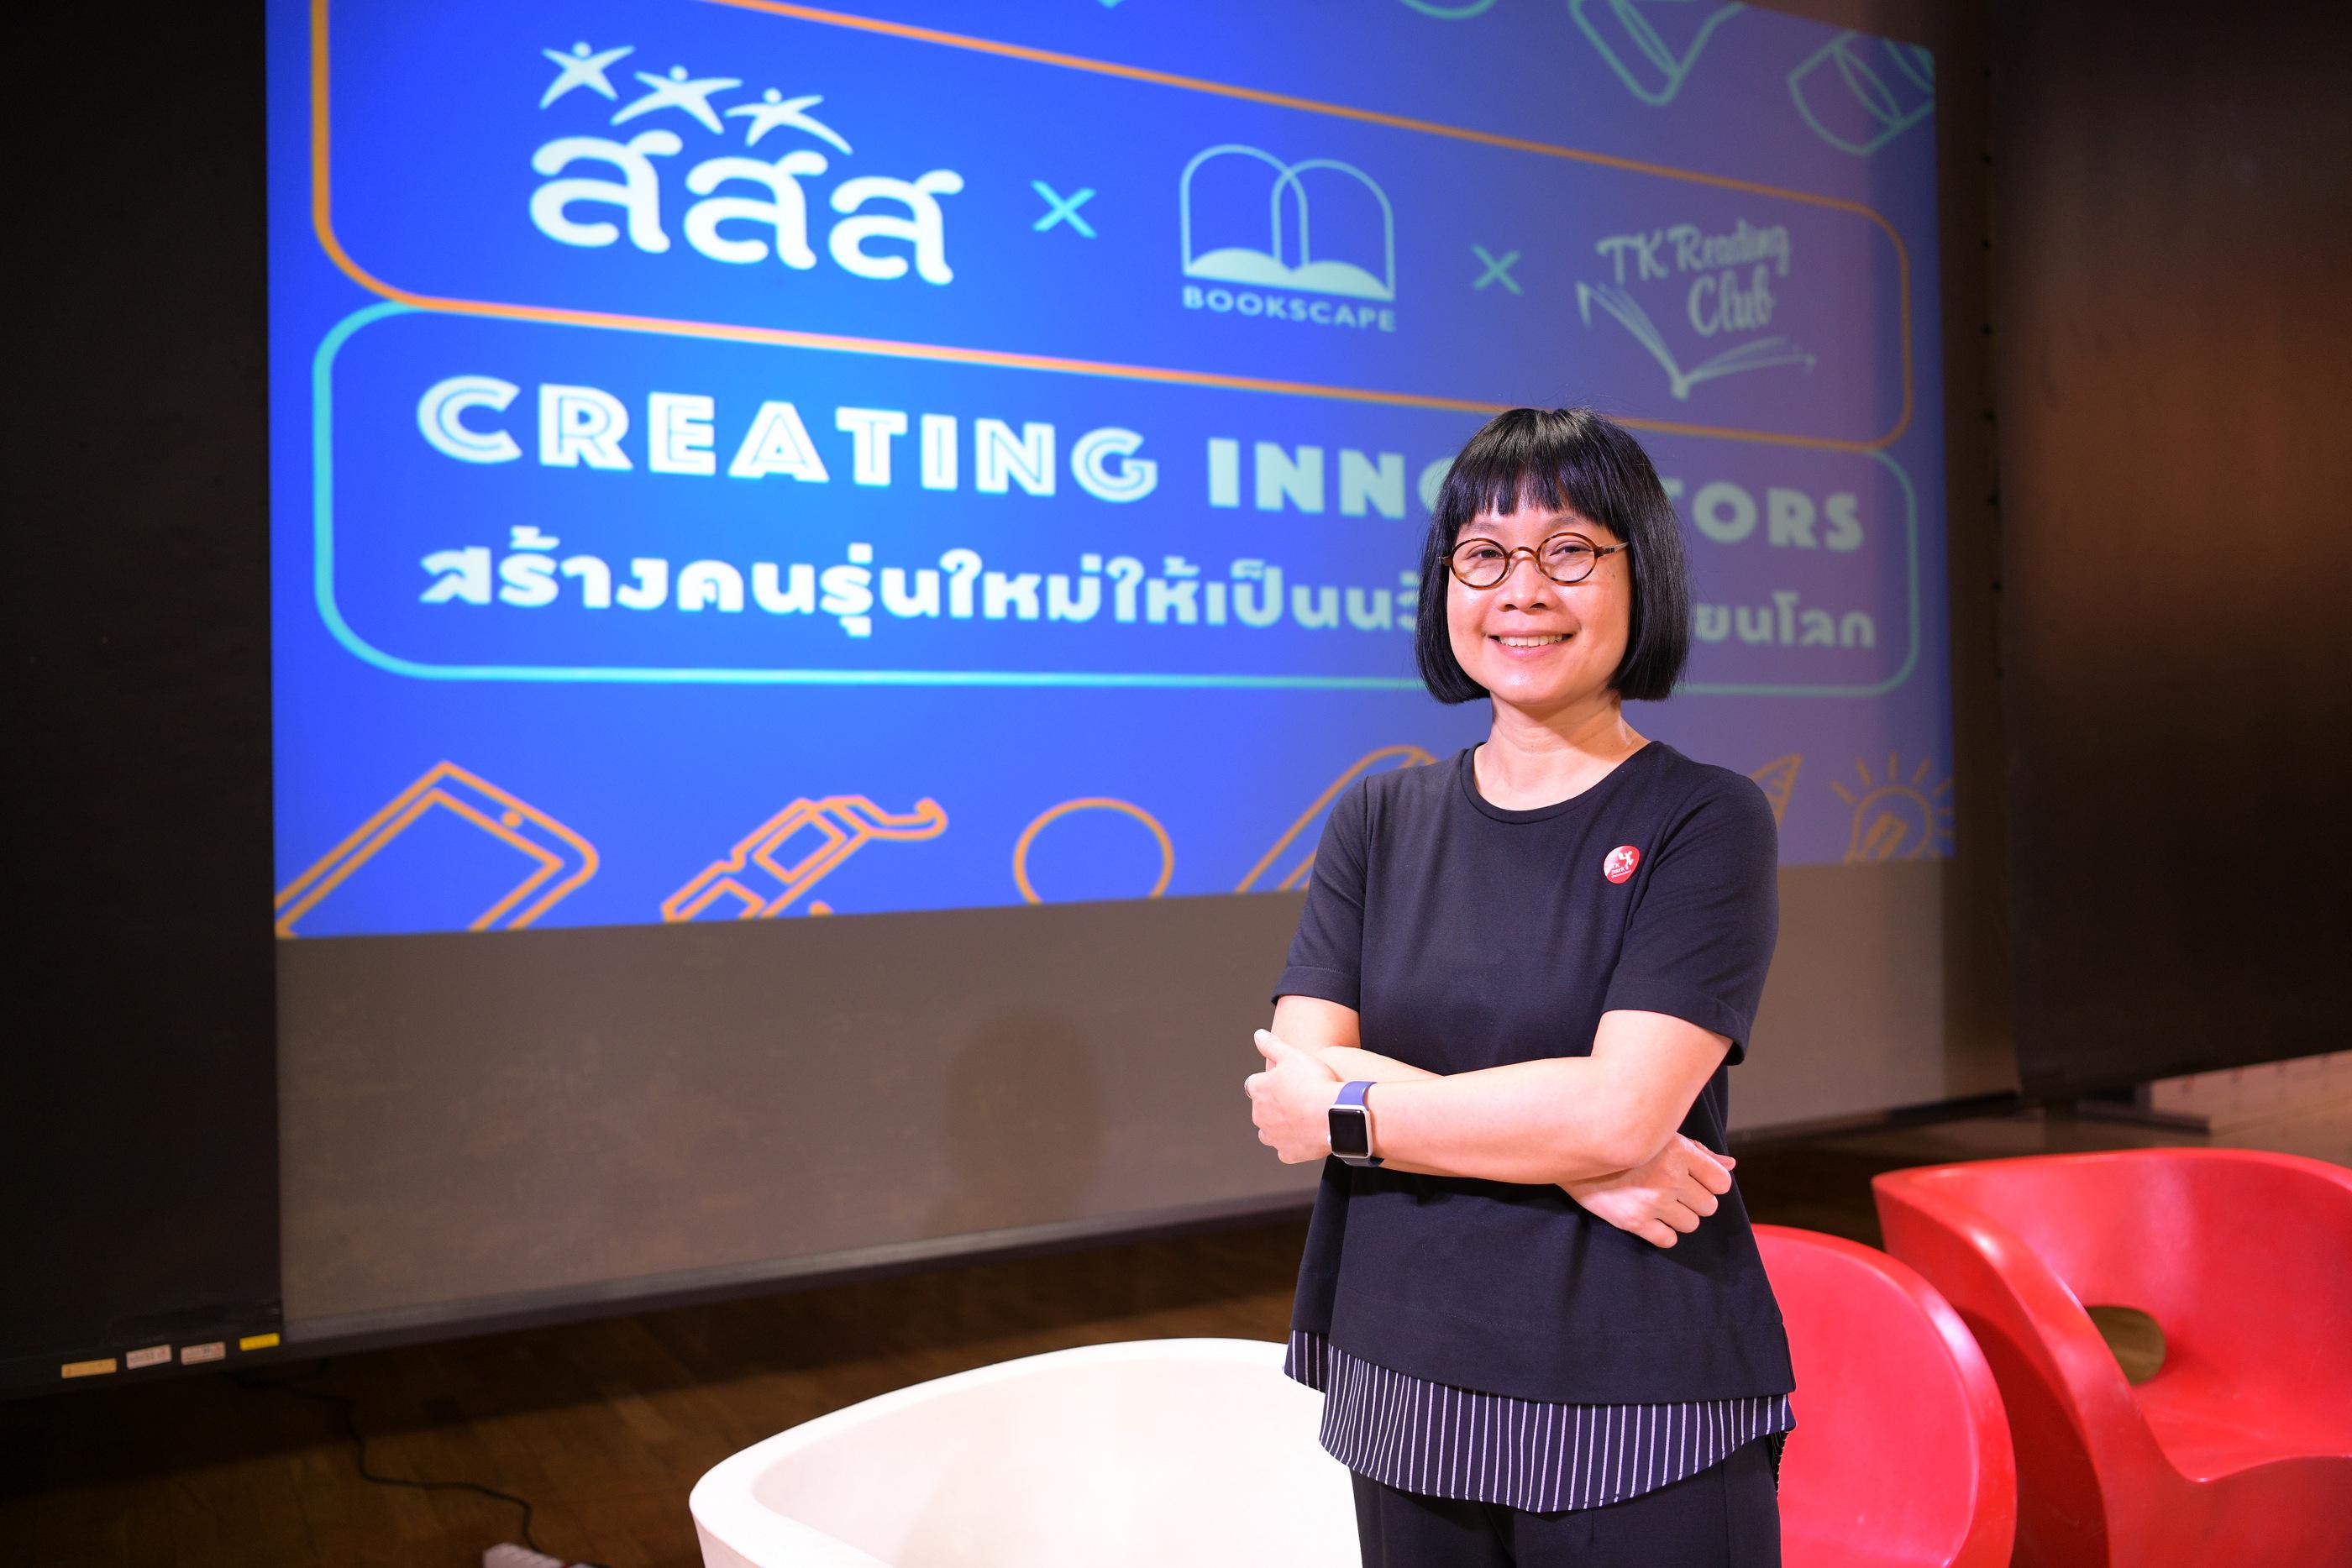 สสส.ติดอาวุธให้เด็กไทยเป็นผู้นำการเปลี่ยนแปลง thaihealth